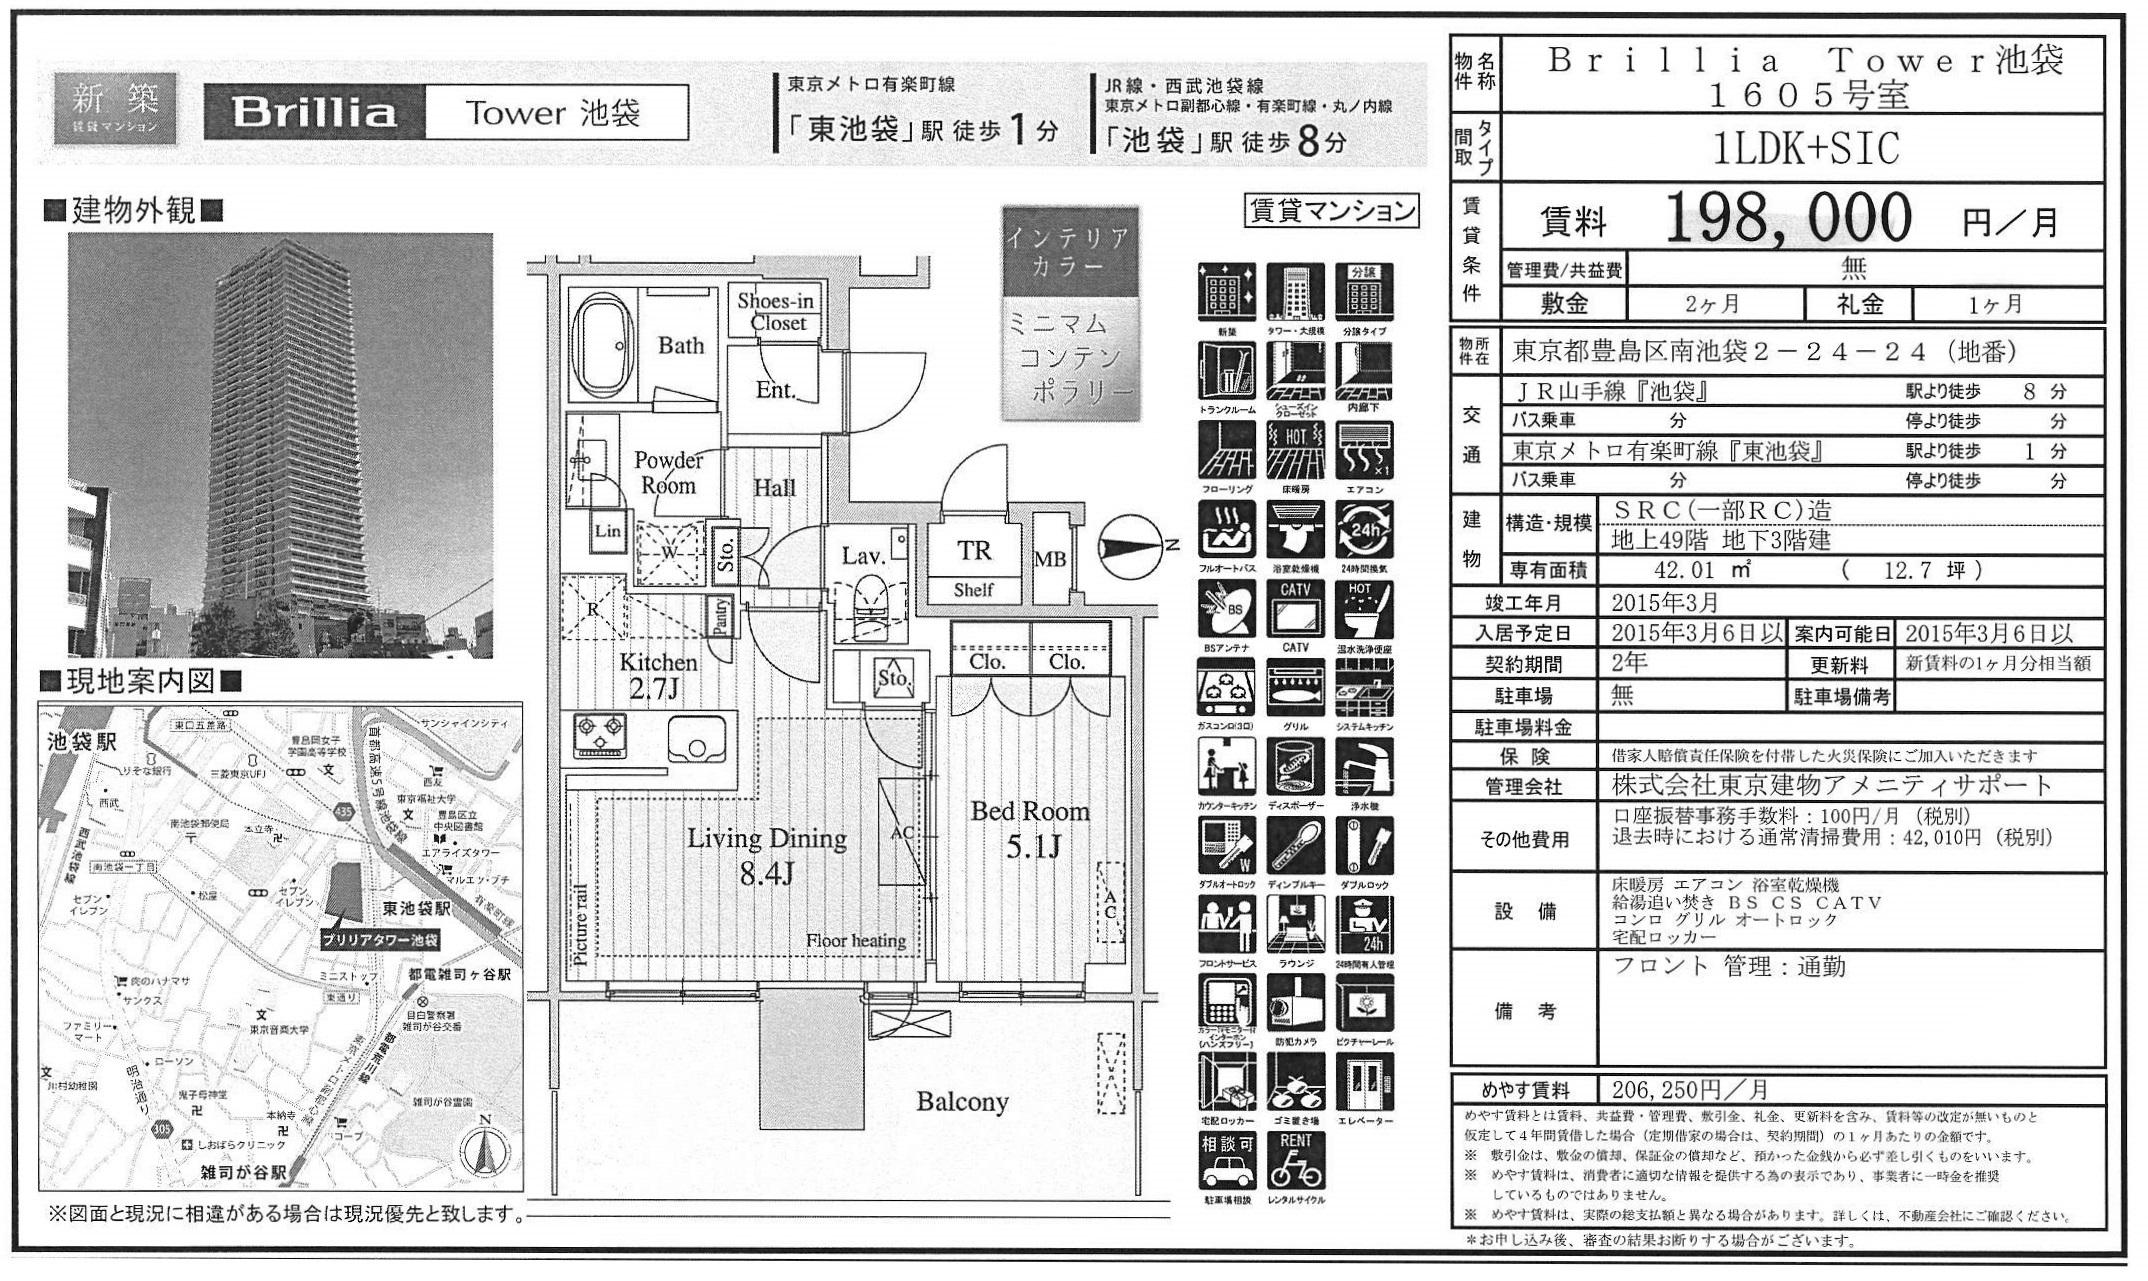 ブリリアタワー池袋図面1605号室